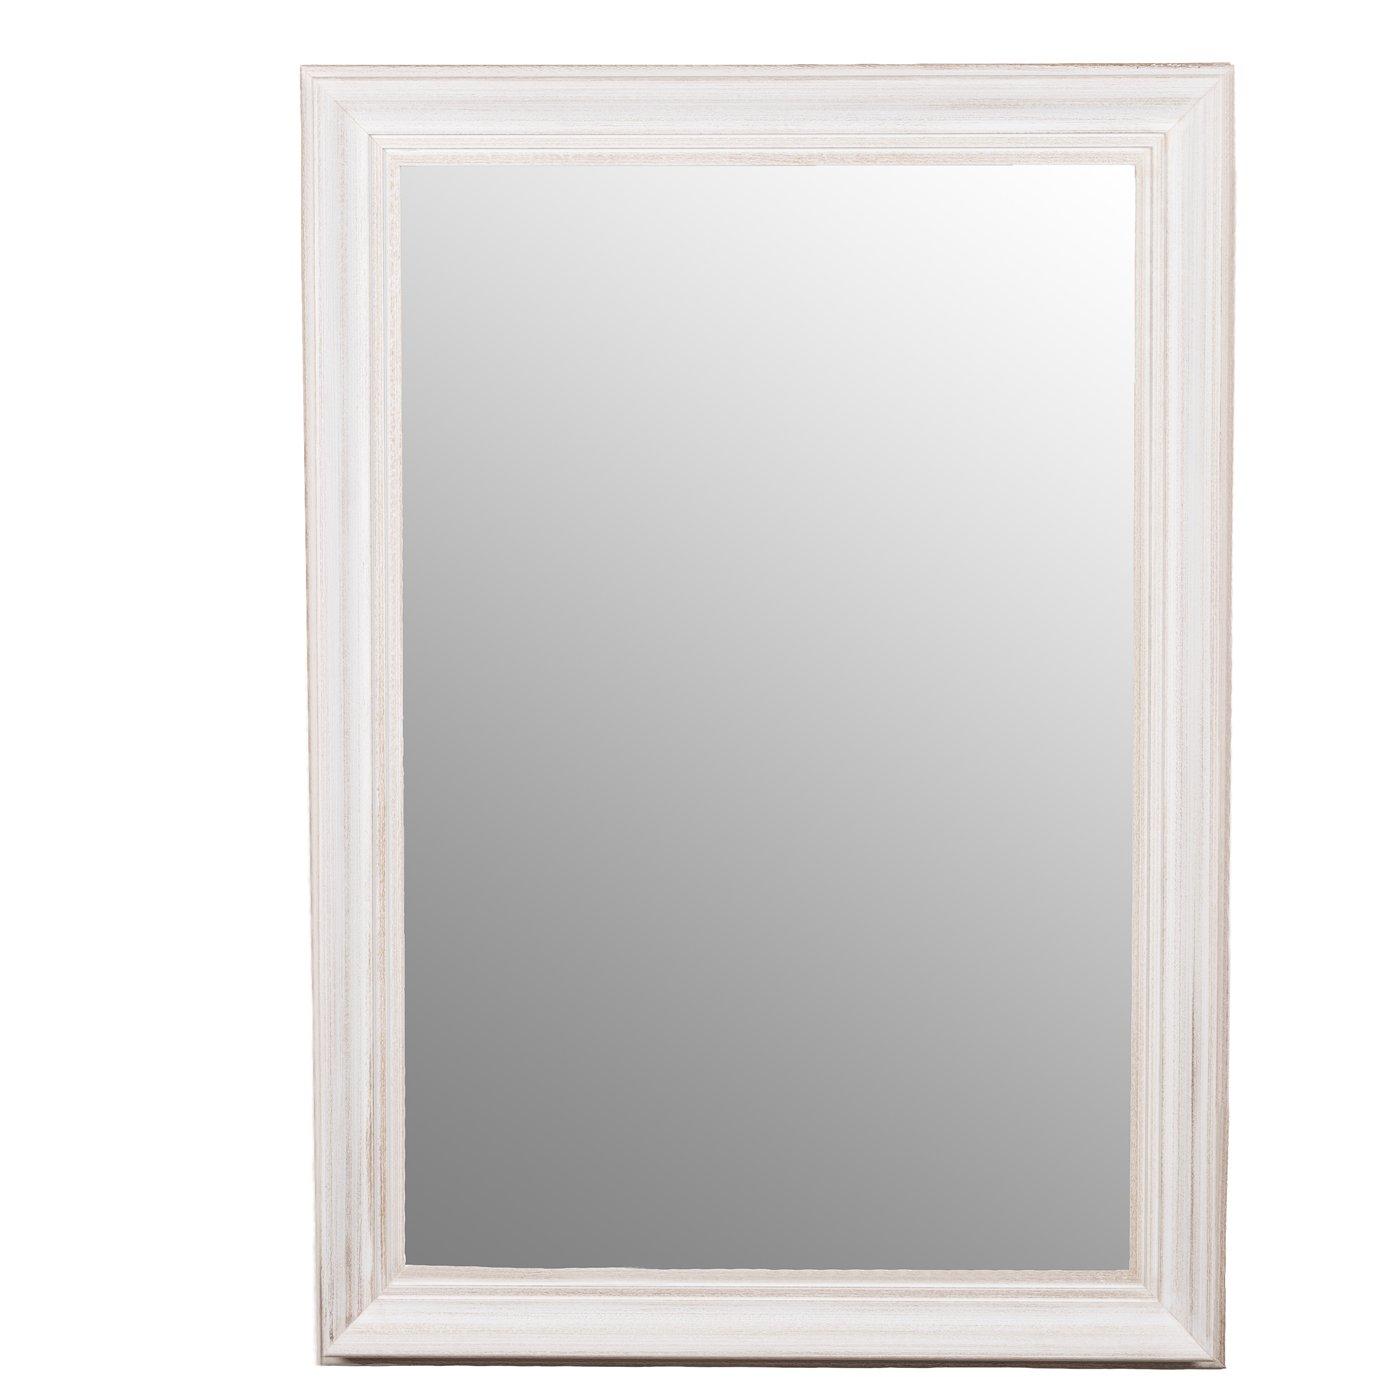 Belssia Wasch Spiegel, Holz, Weiß, 75 x 3.5 x 105 cm